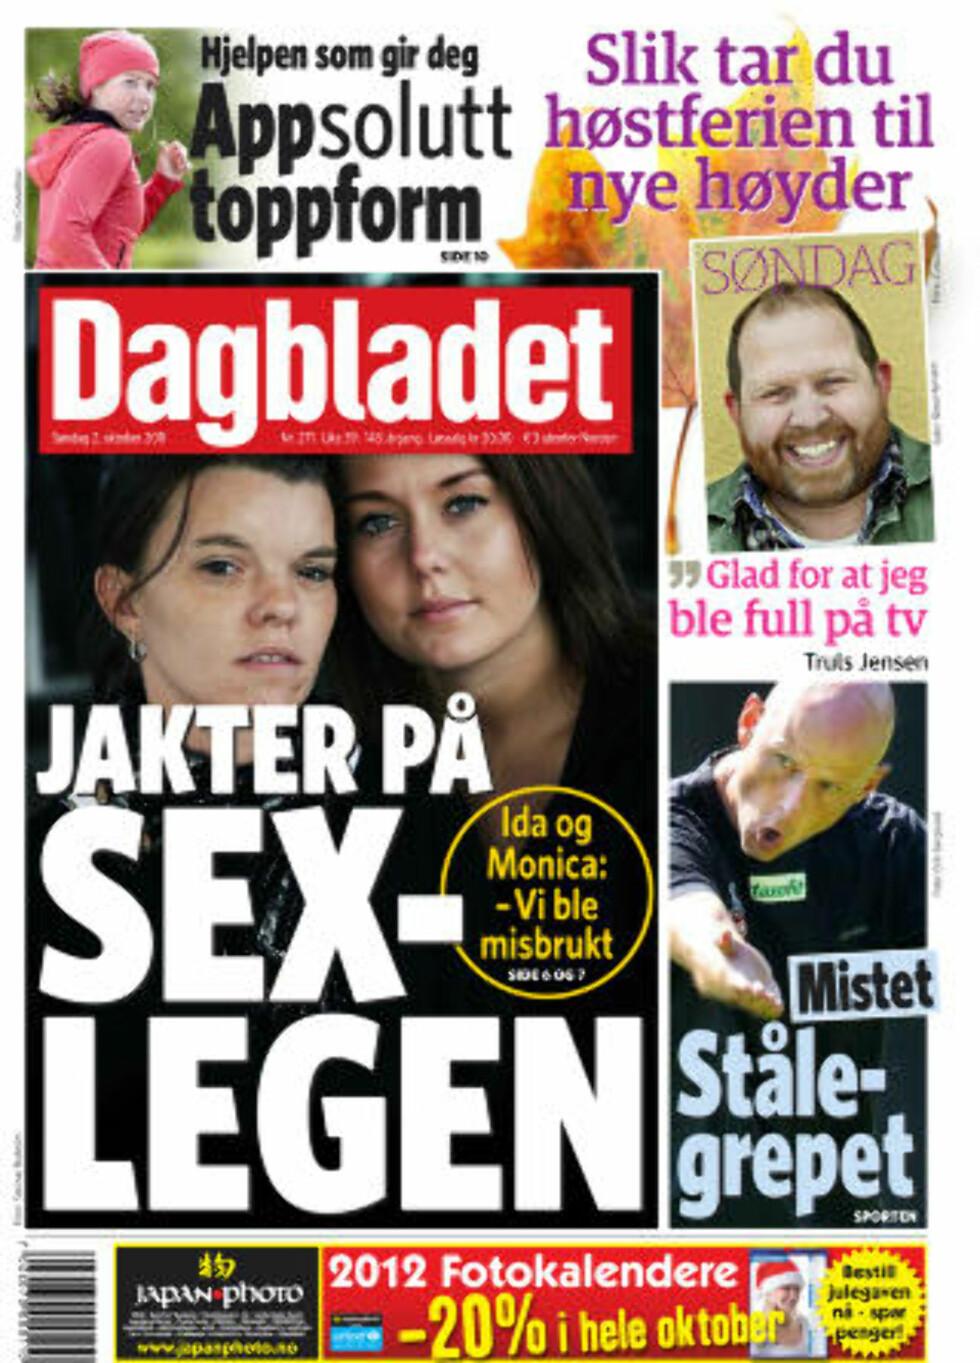 Dagbladet omtalte i går den 44-årige legen som er dømt for overgrep.